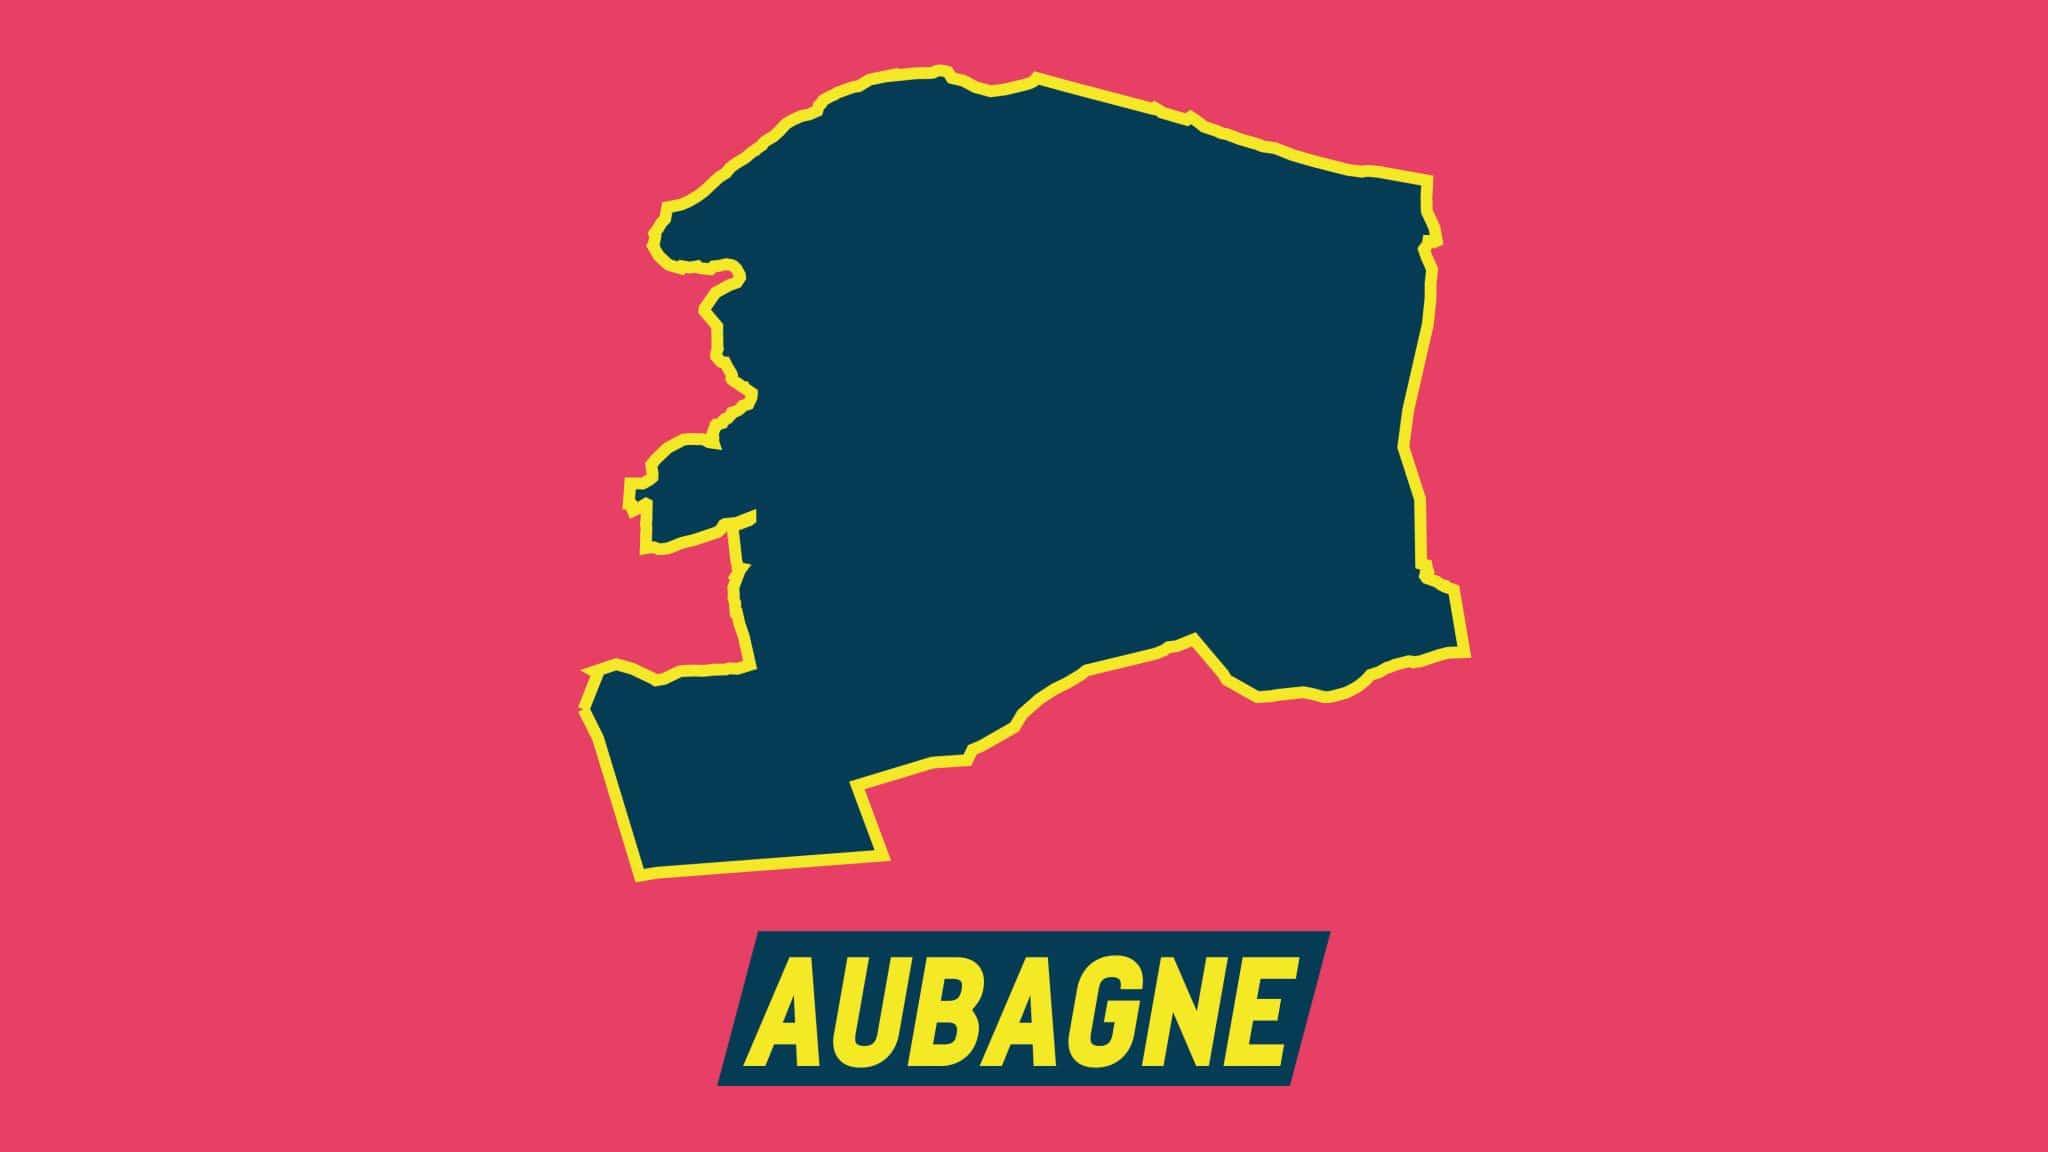 Aubagne